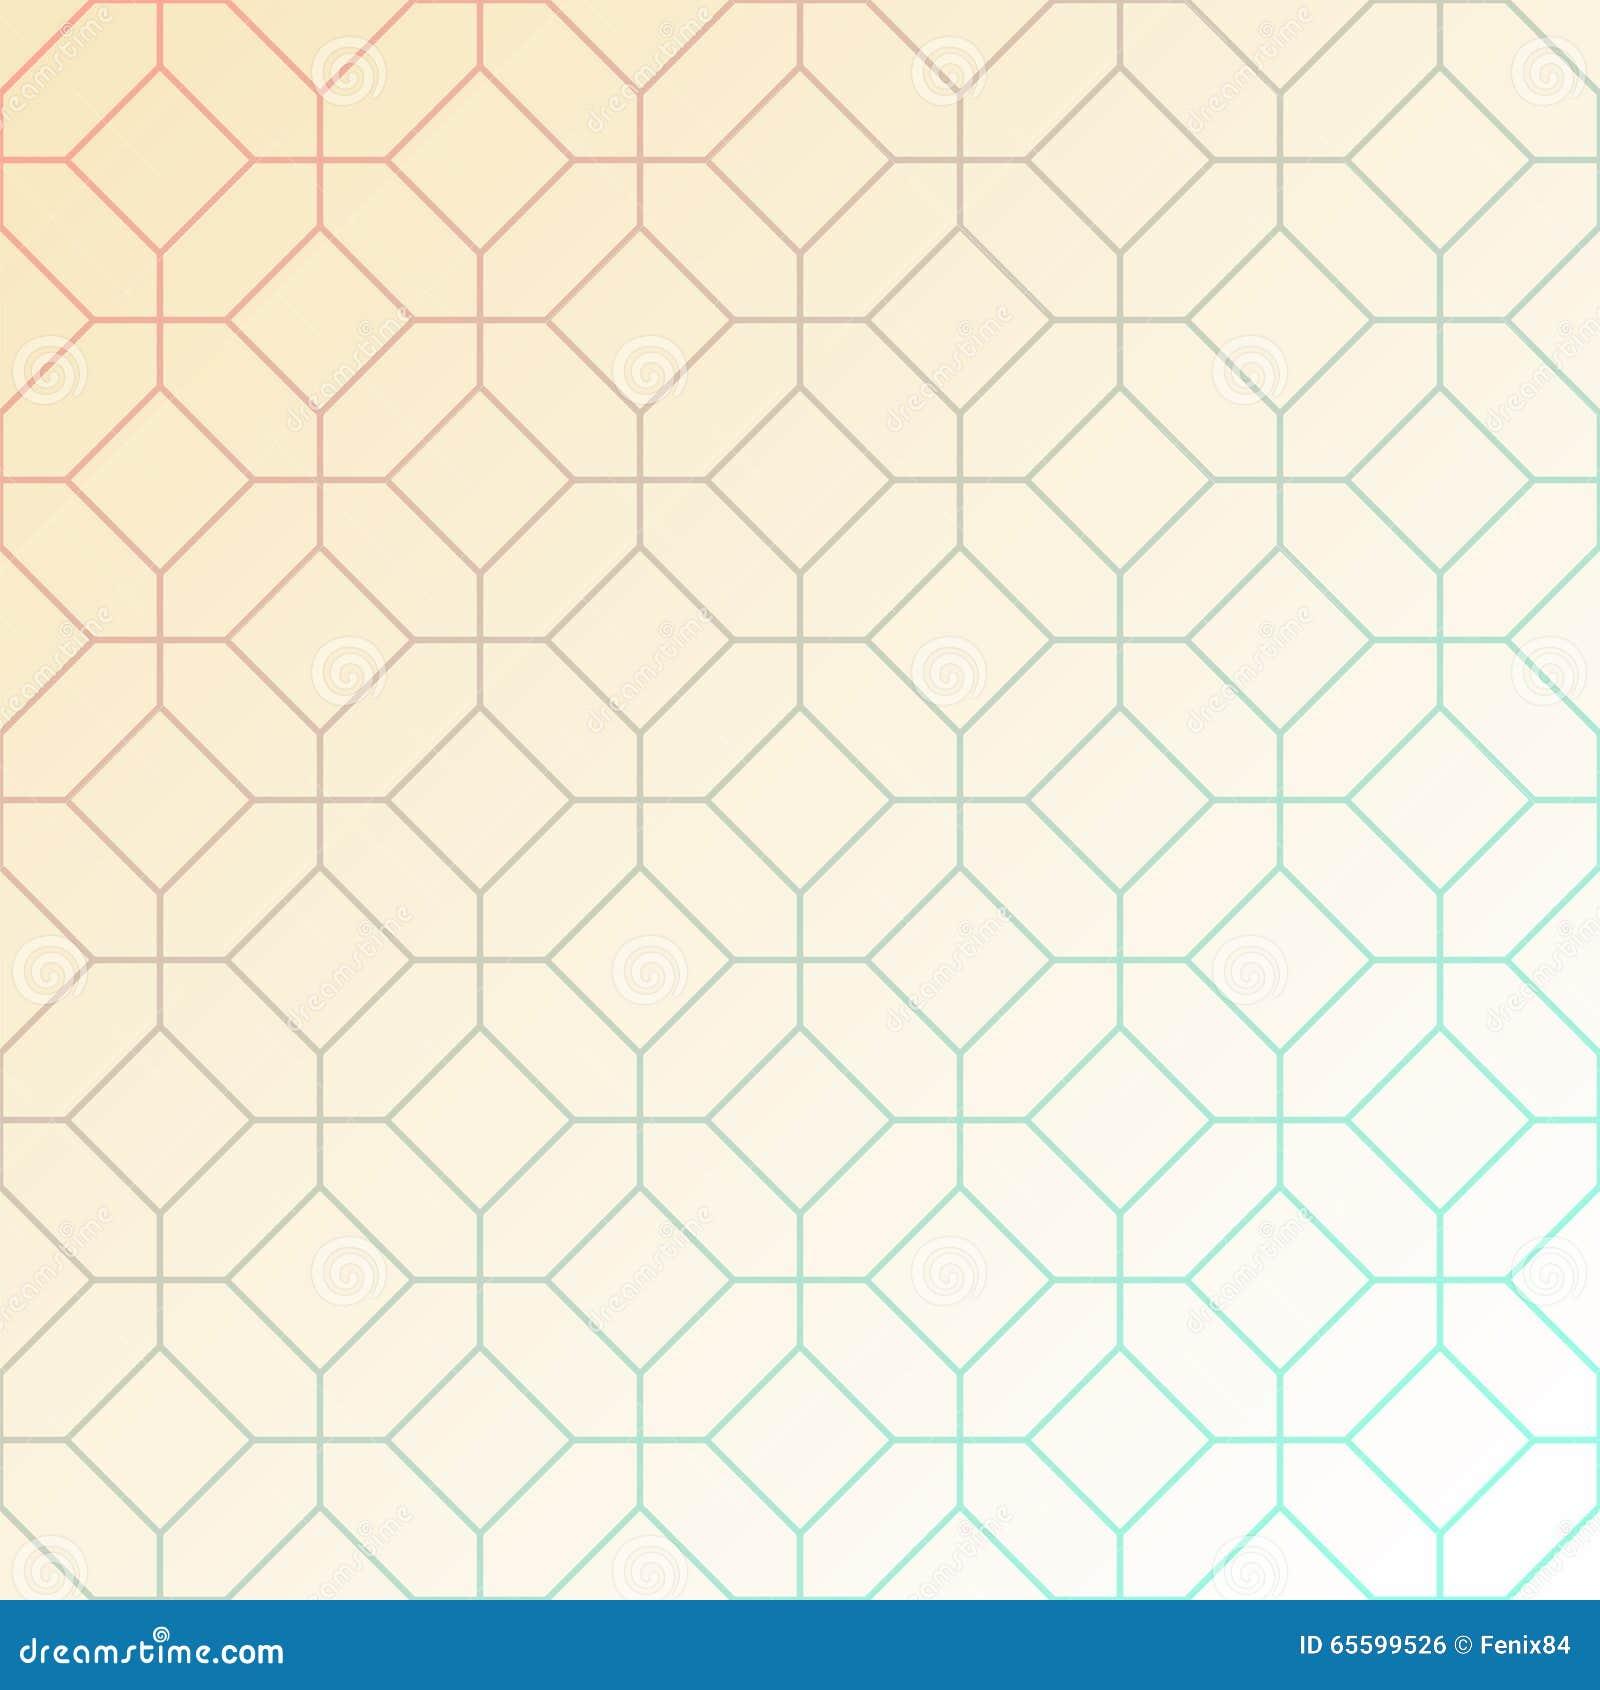 Abstract licht geometrisch patroon van het snijden van achthoeken en vierkanten